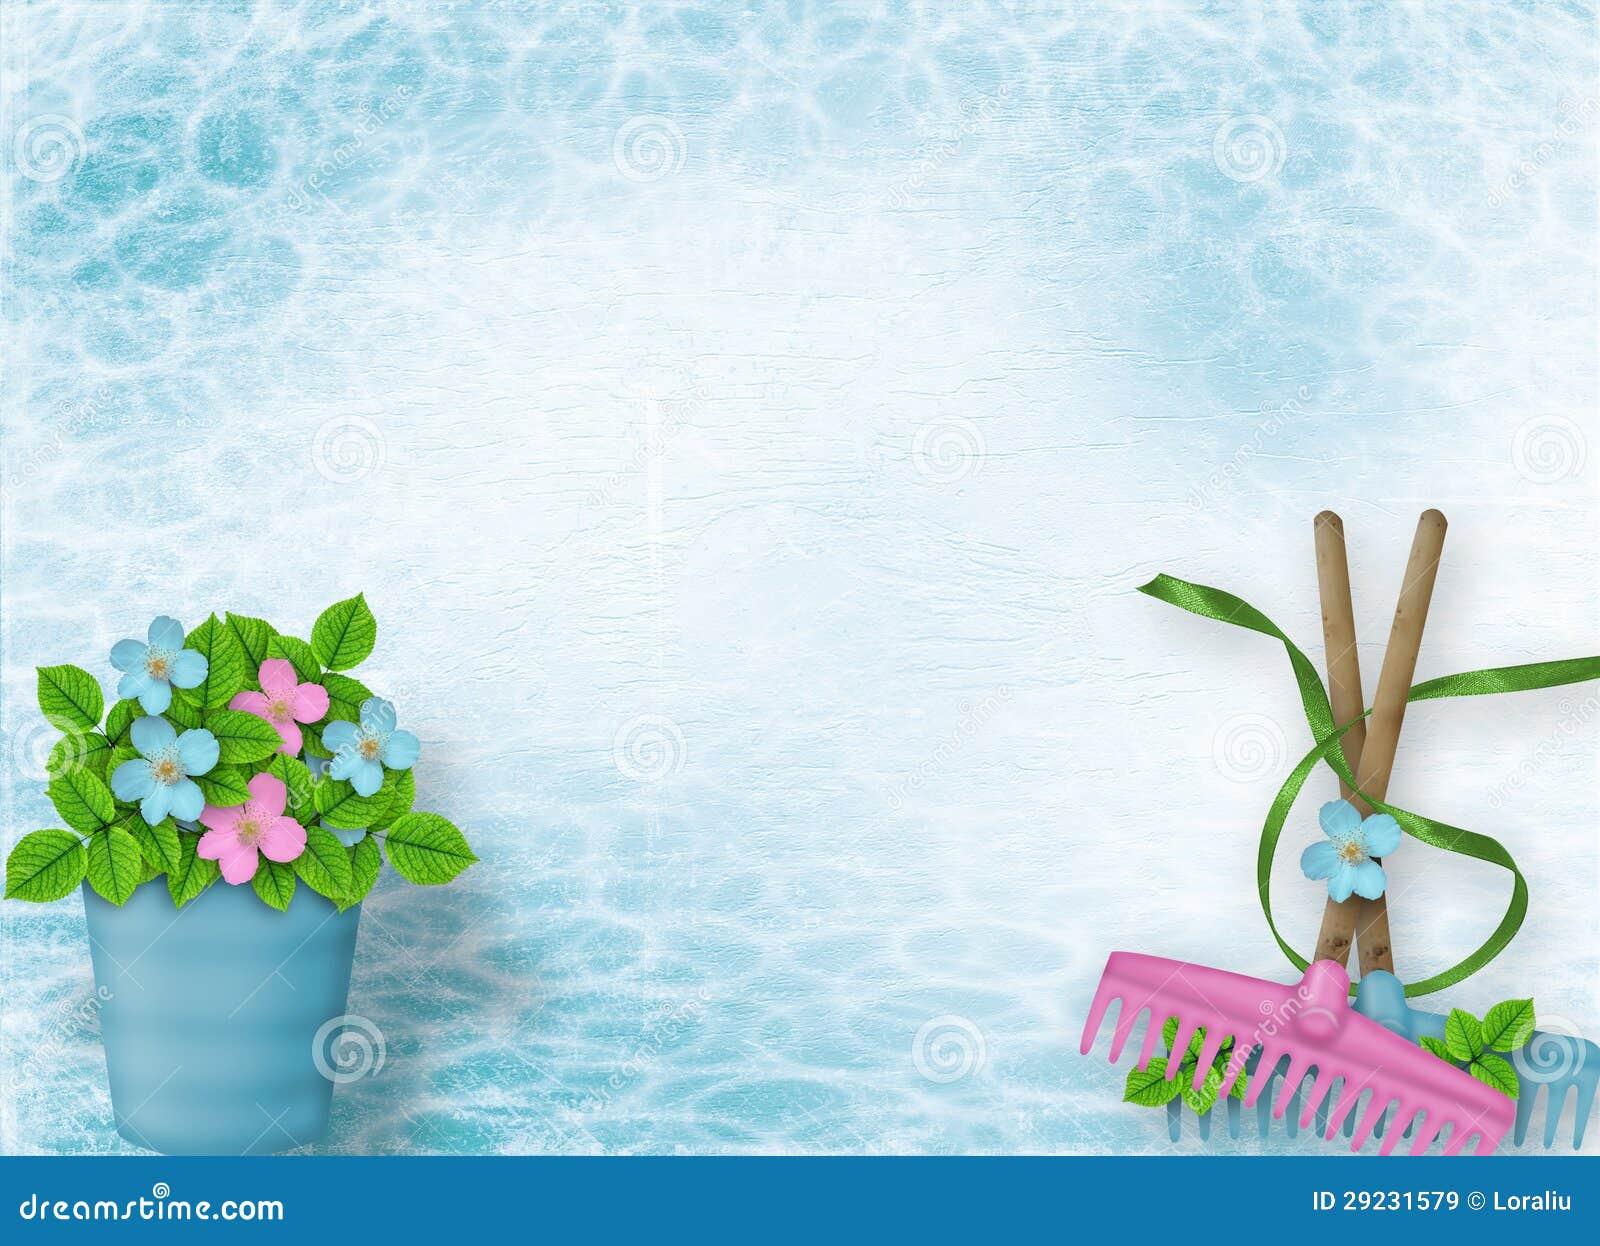 Download Fundo Abstrato Para O Anúncio Com Cubeta Floral Ilustração Stock - Ilustração de invitation, projeto: 29231579